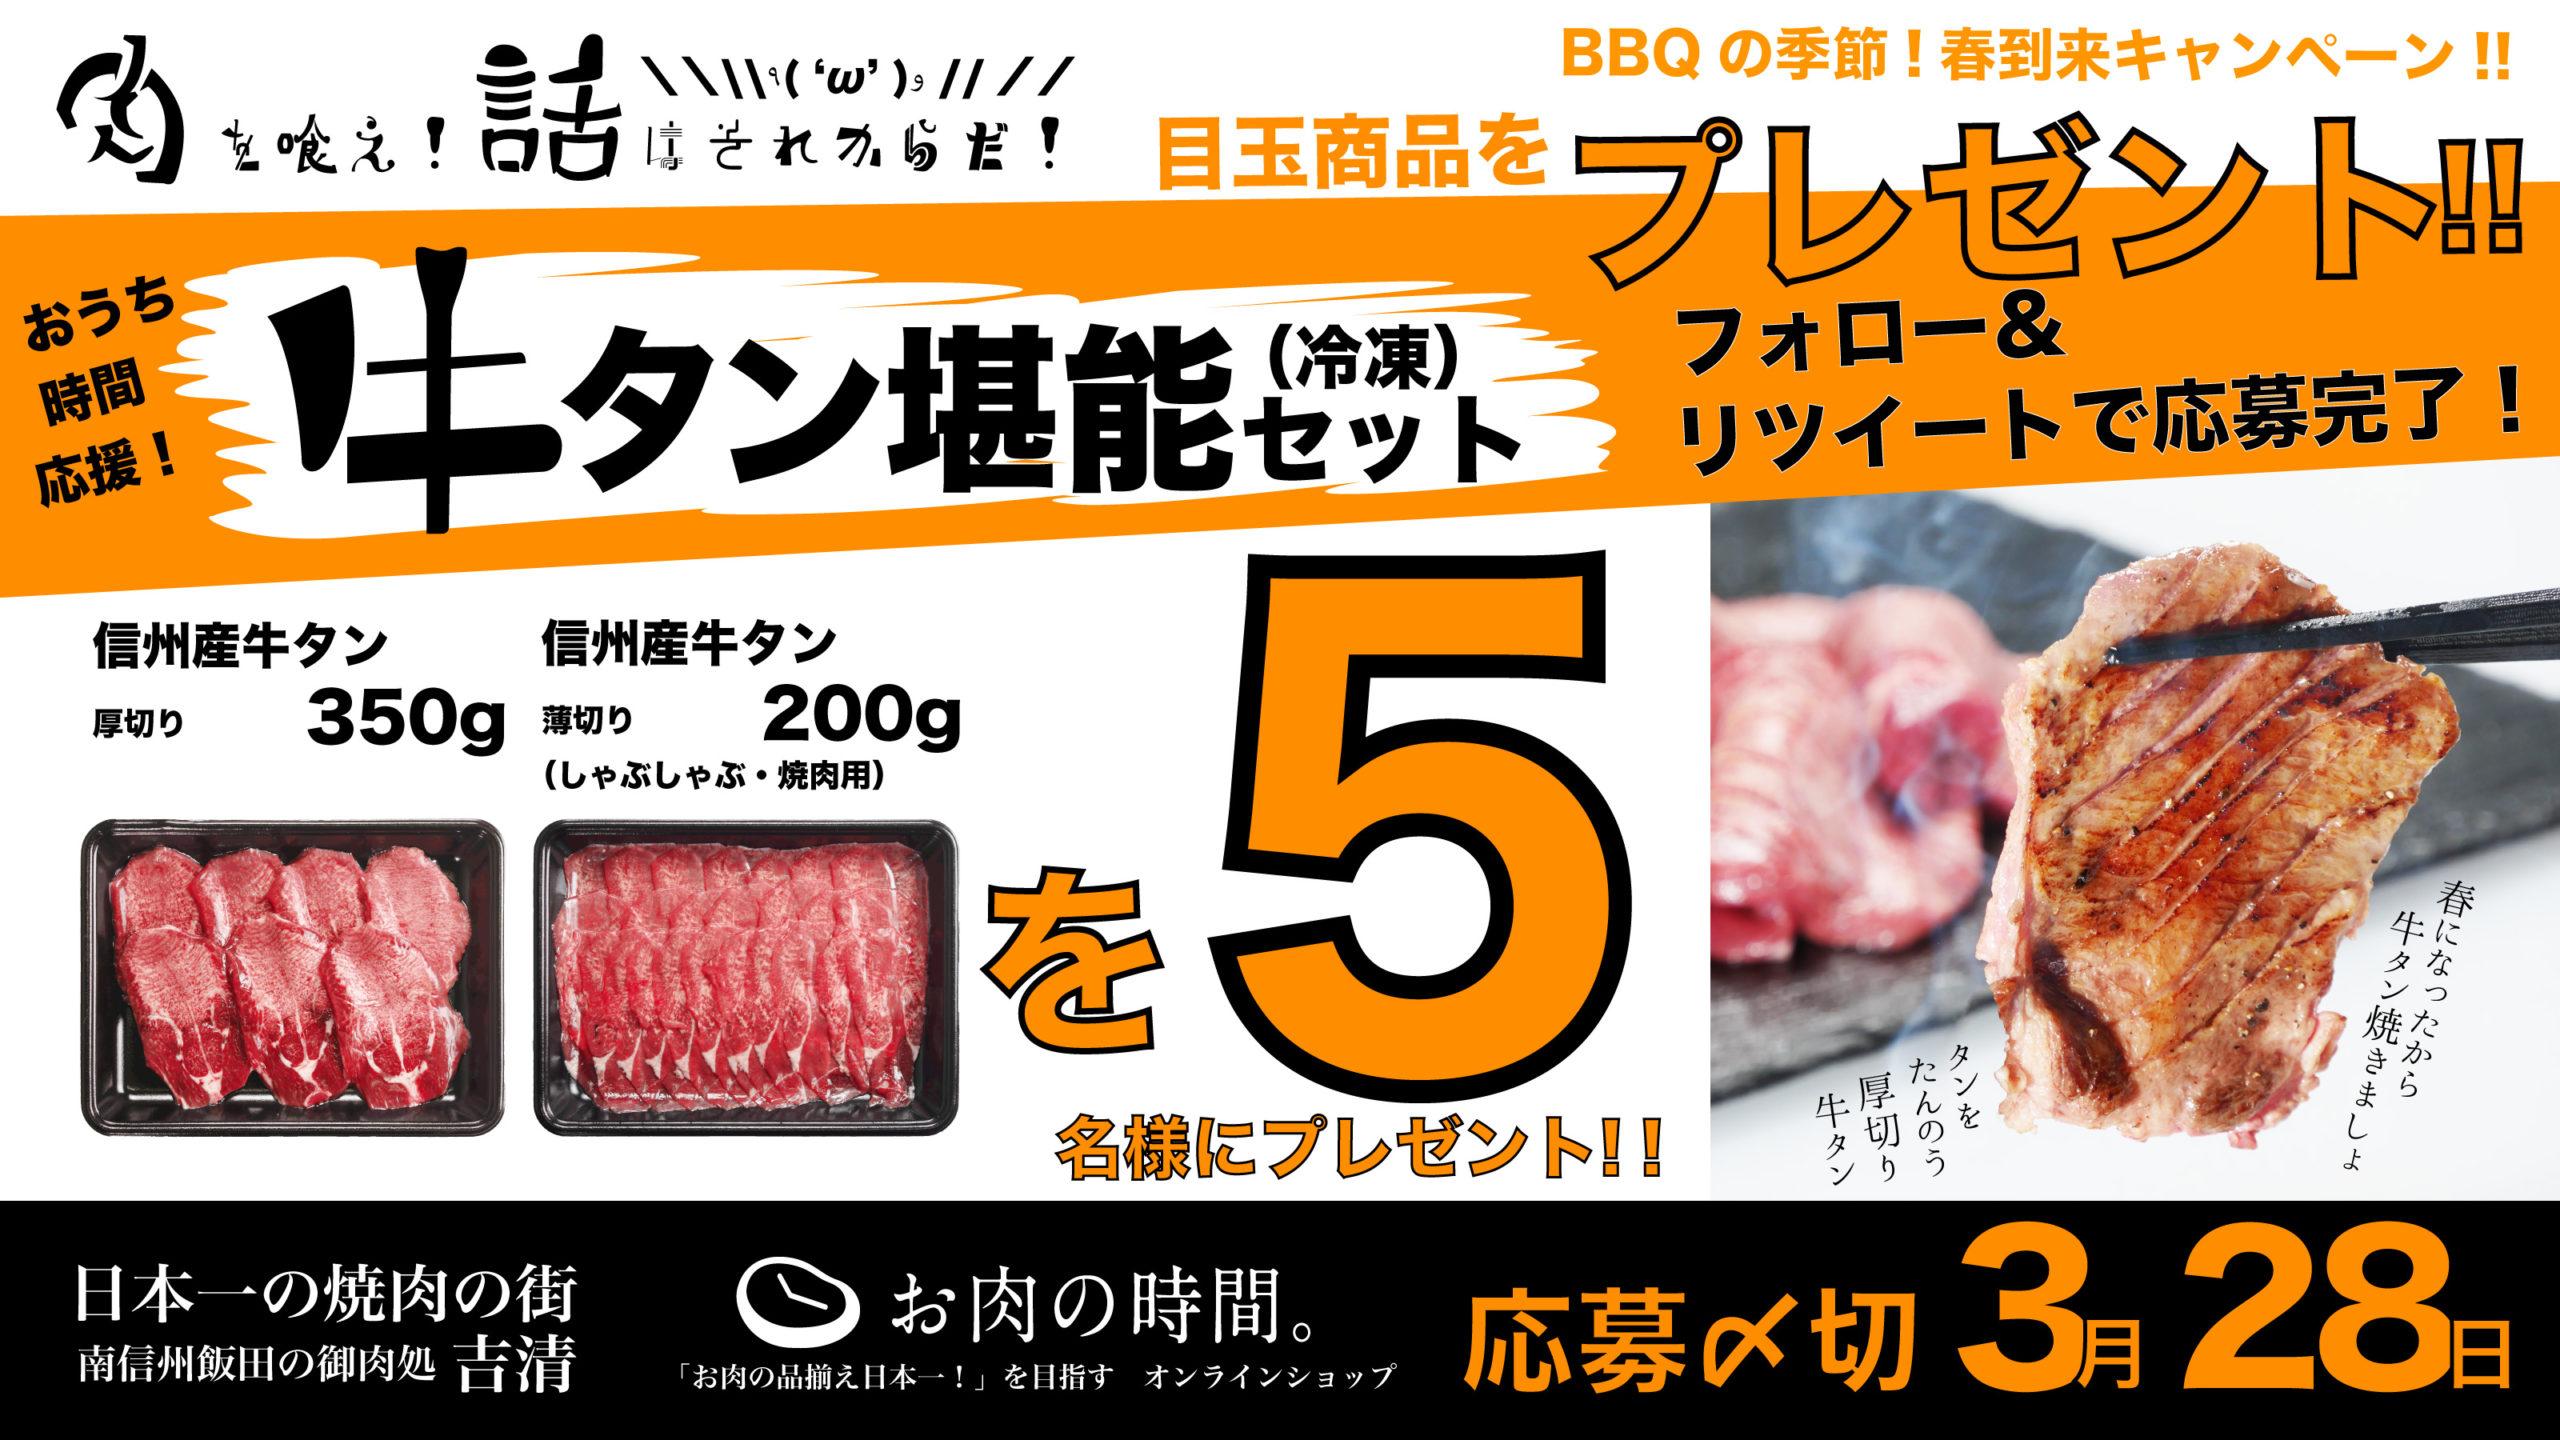 3/26正午より!BBQの季節!春到来キャンペーン!